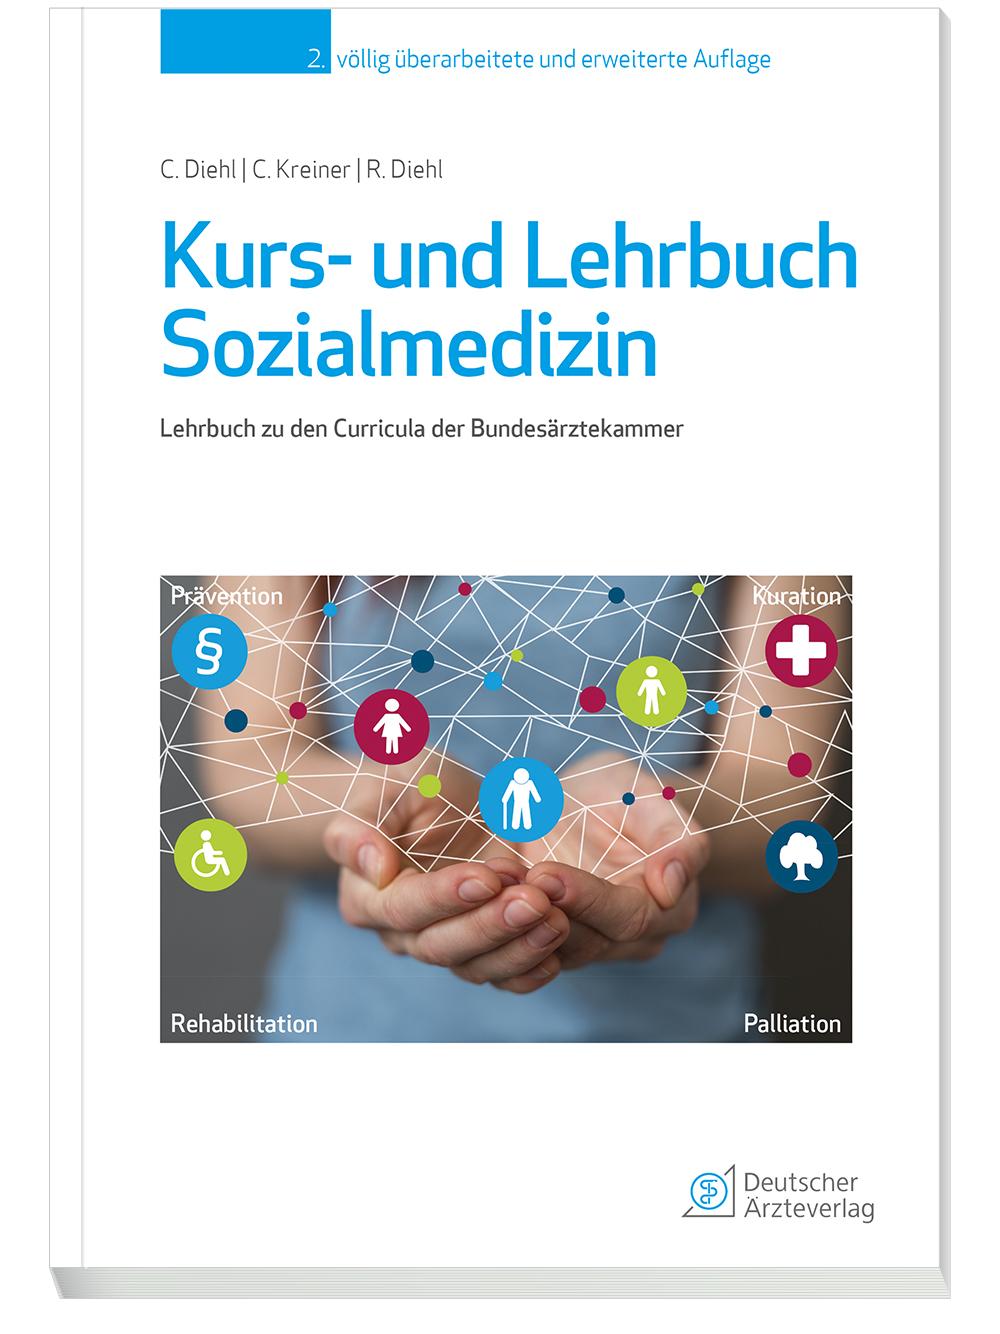 Diehl, Kurs- und Lehrbuch Sozialmedizin